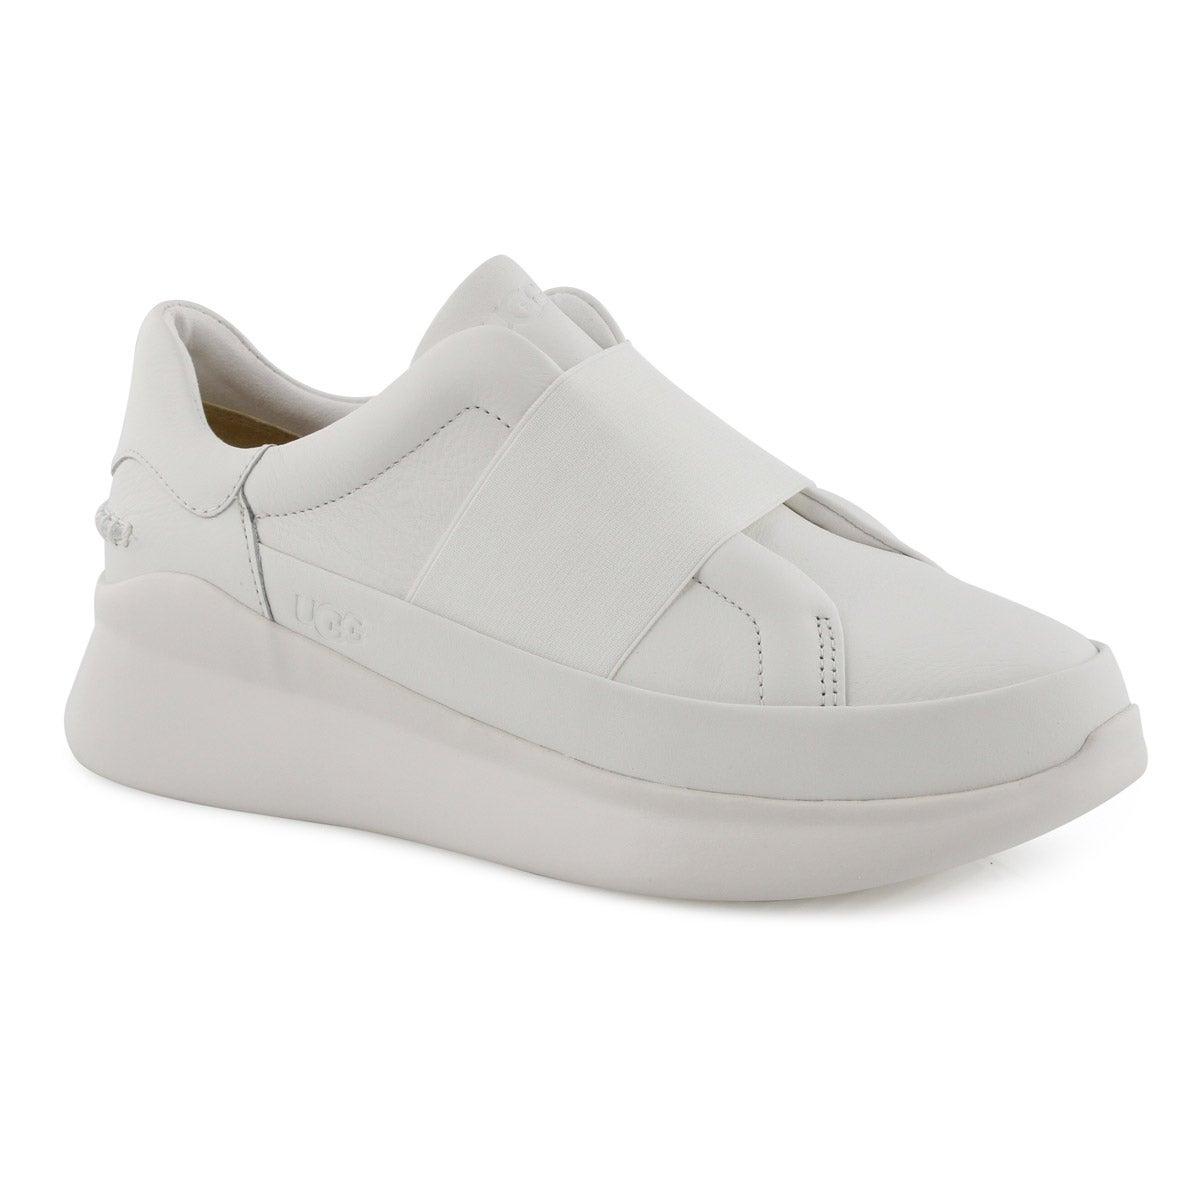 Lds Libu white slip on sneaker